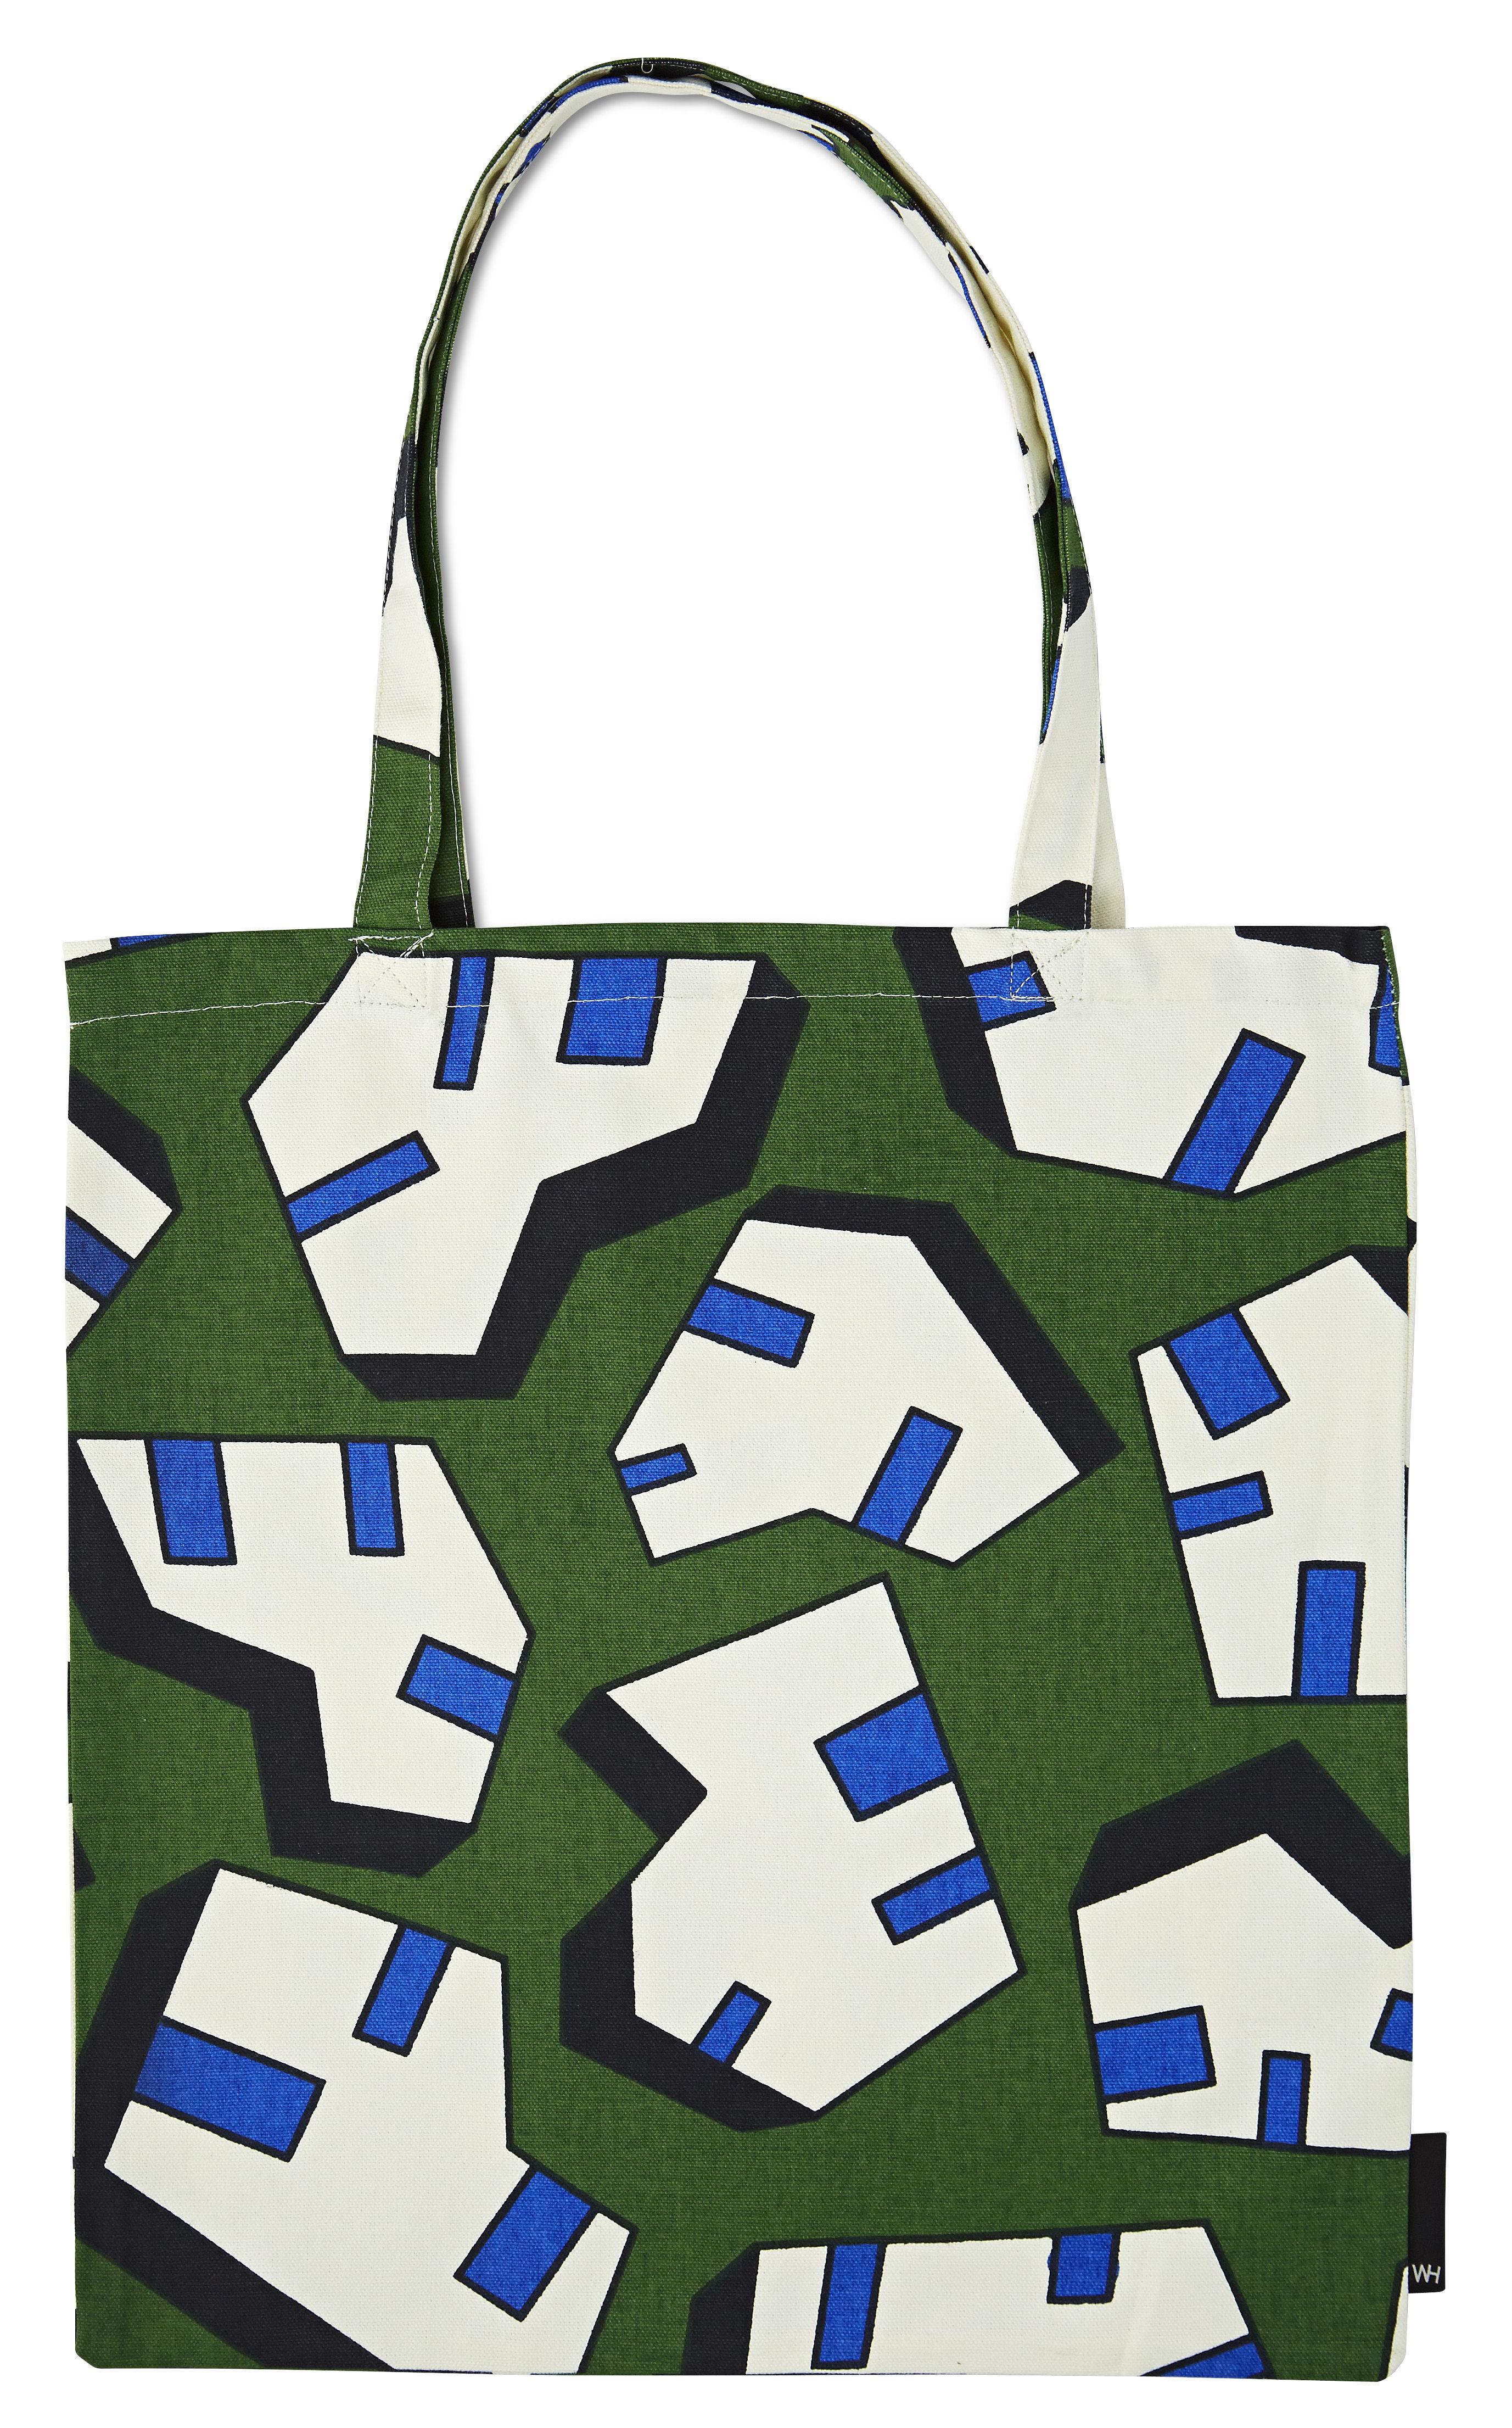 Accessoires - Sacs, trousses, porte-monnaie... - Tote bag Ice - Hay - Ice / Vert - Coton